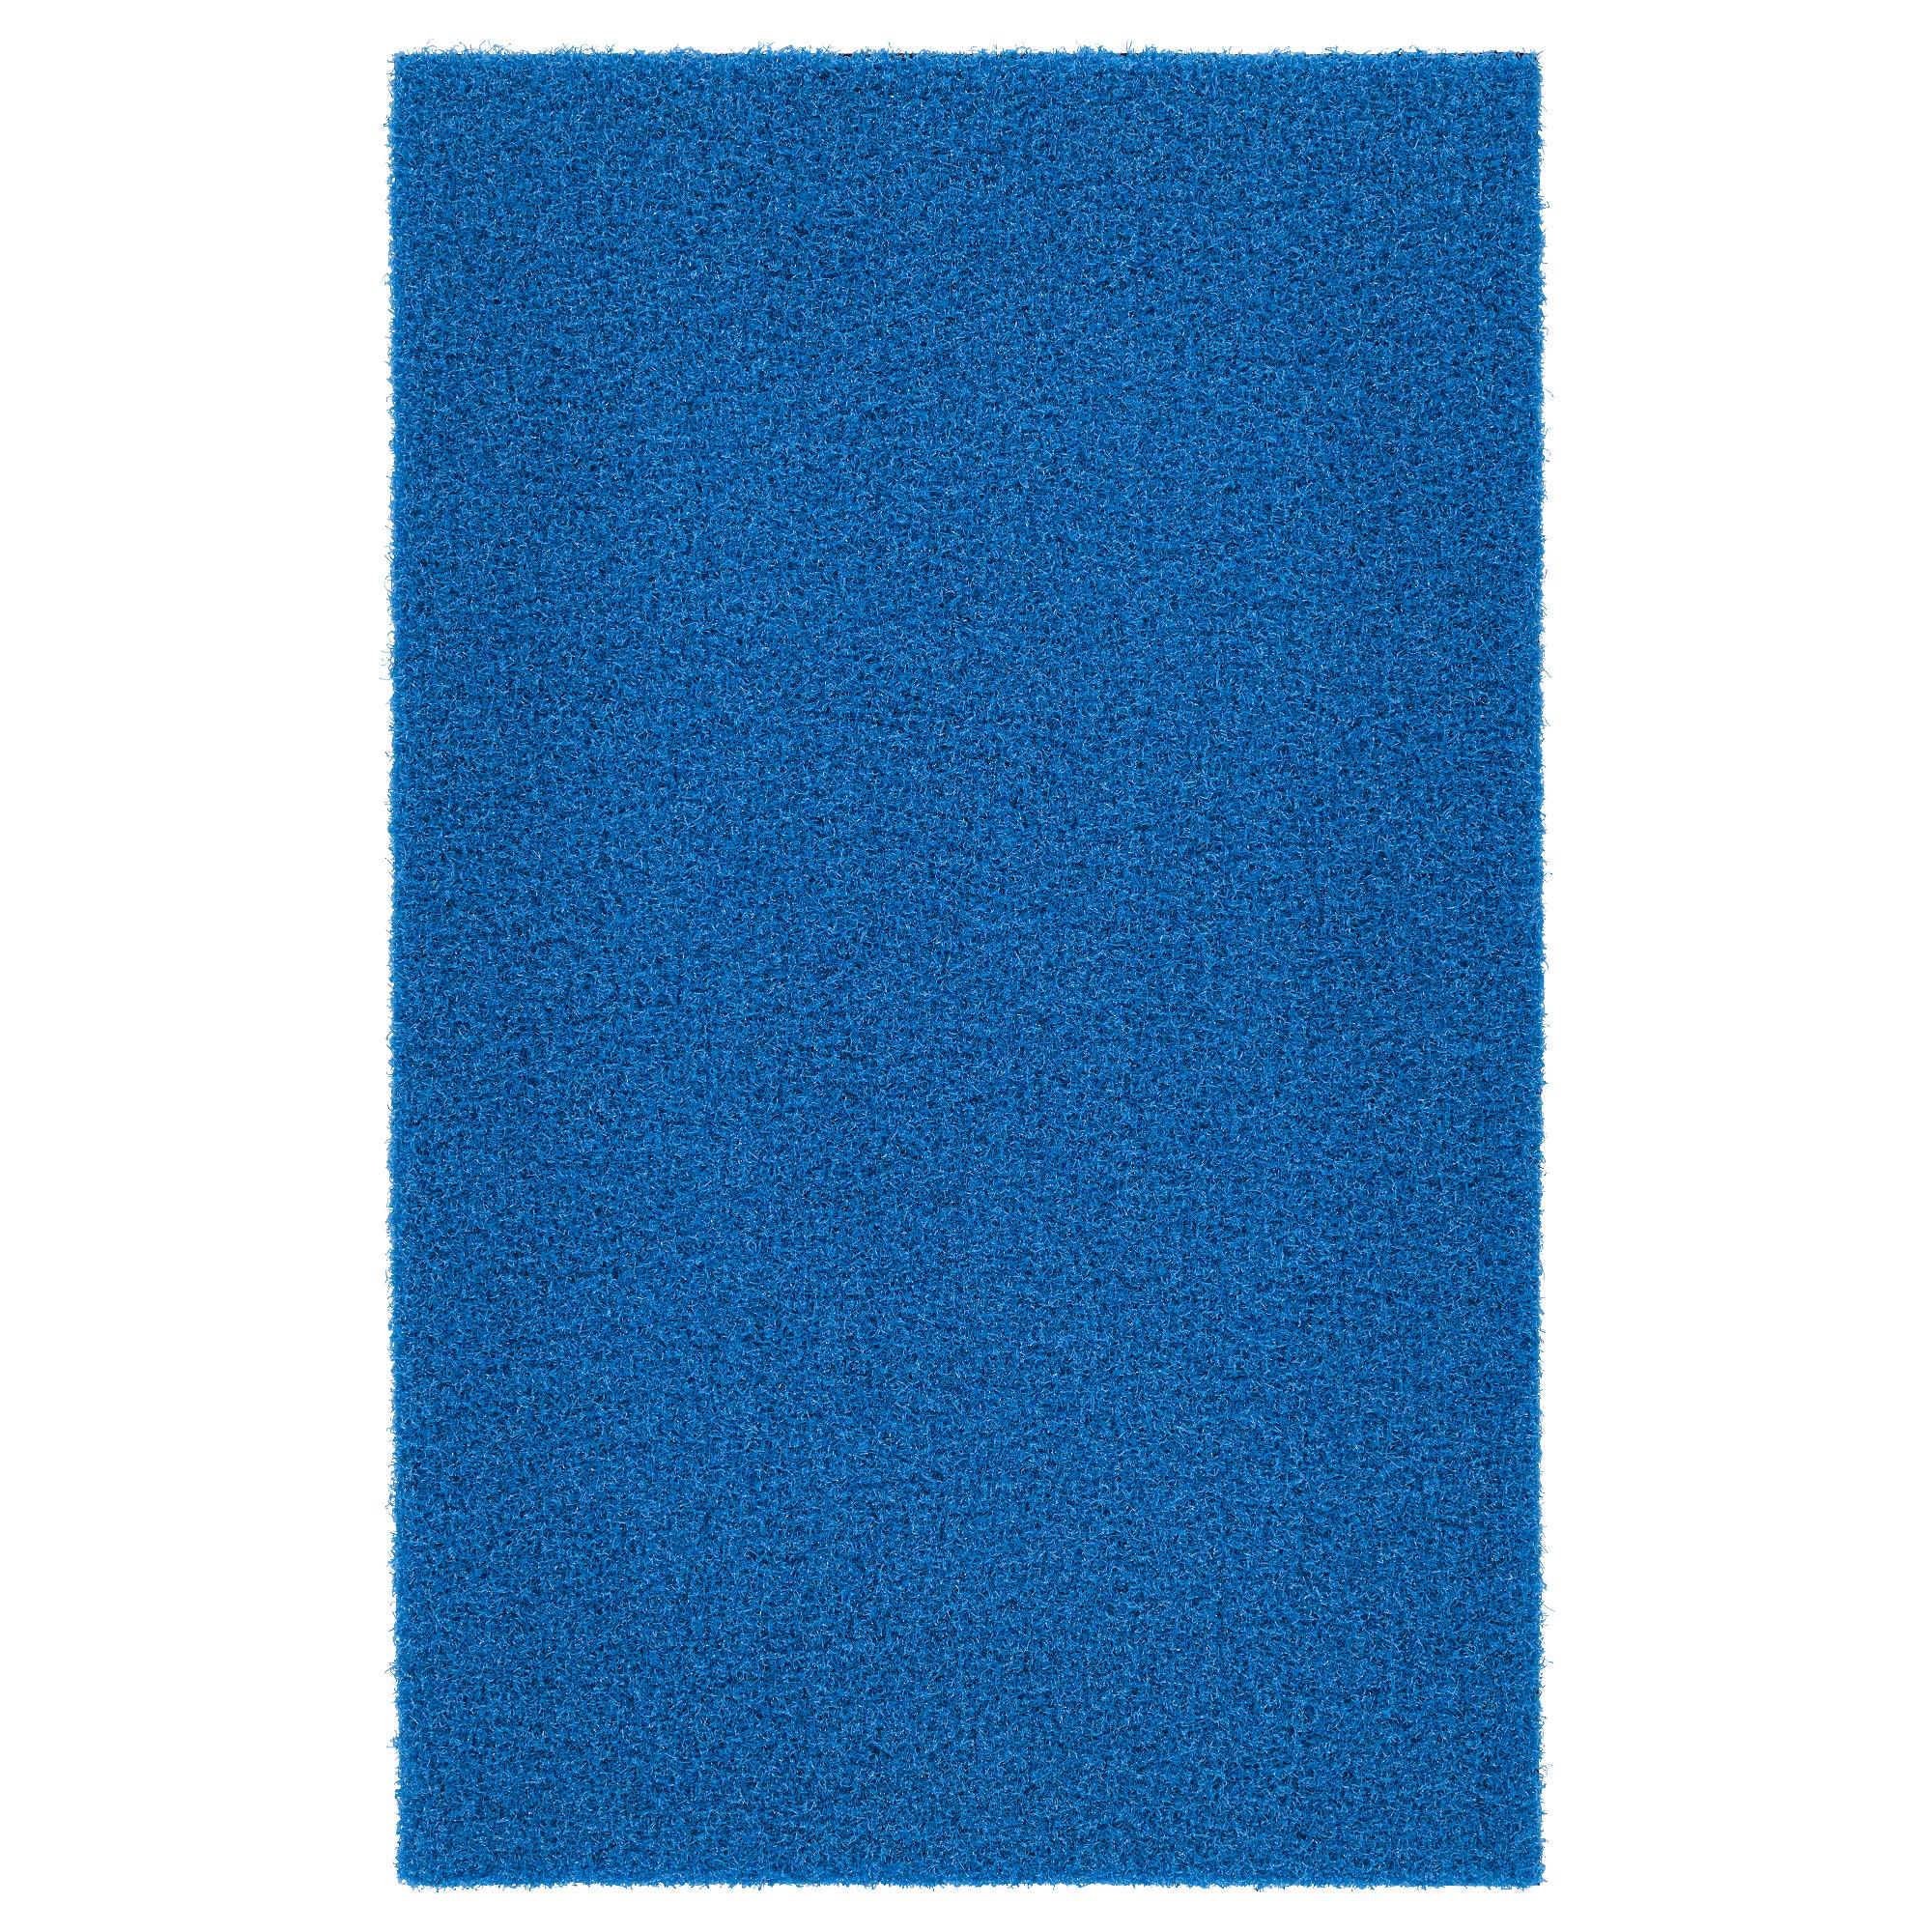 Придверный коврик ОПЛЕВ синий артикуль № 603.417.51 в наличии. Интернет сайт IKEA РБ. Быстрая доставка и монтаж.